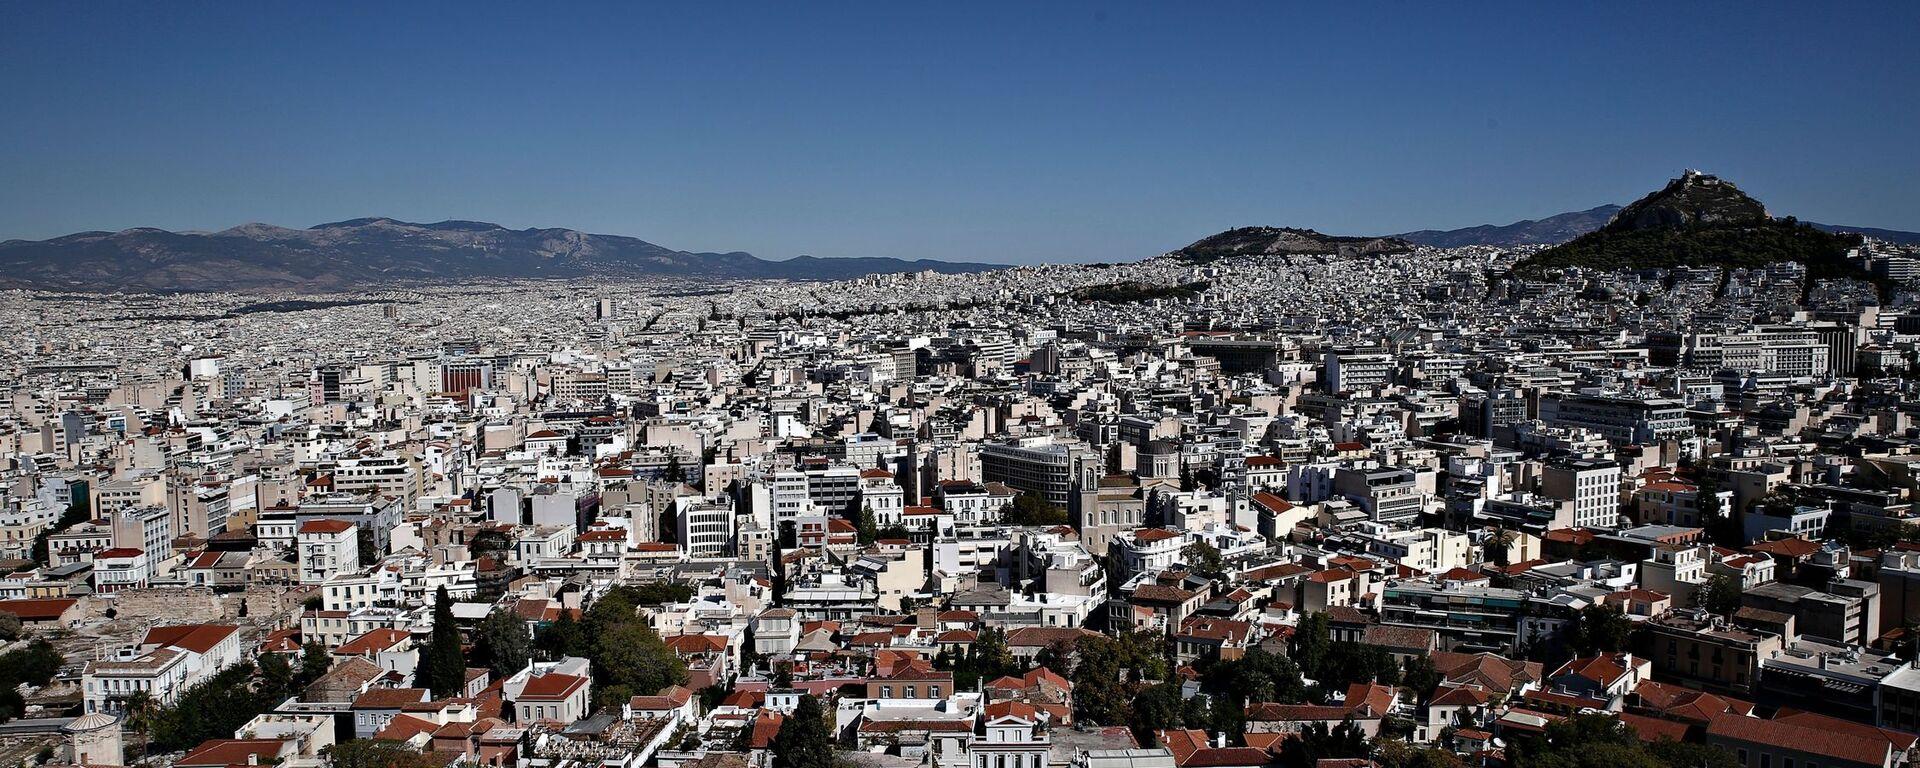 Ακίνητα. - Sputnik Ελλάδα, 1920, 26.05.2021